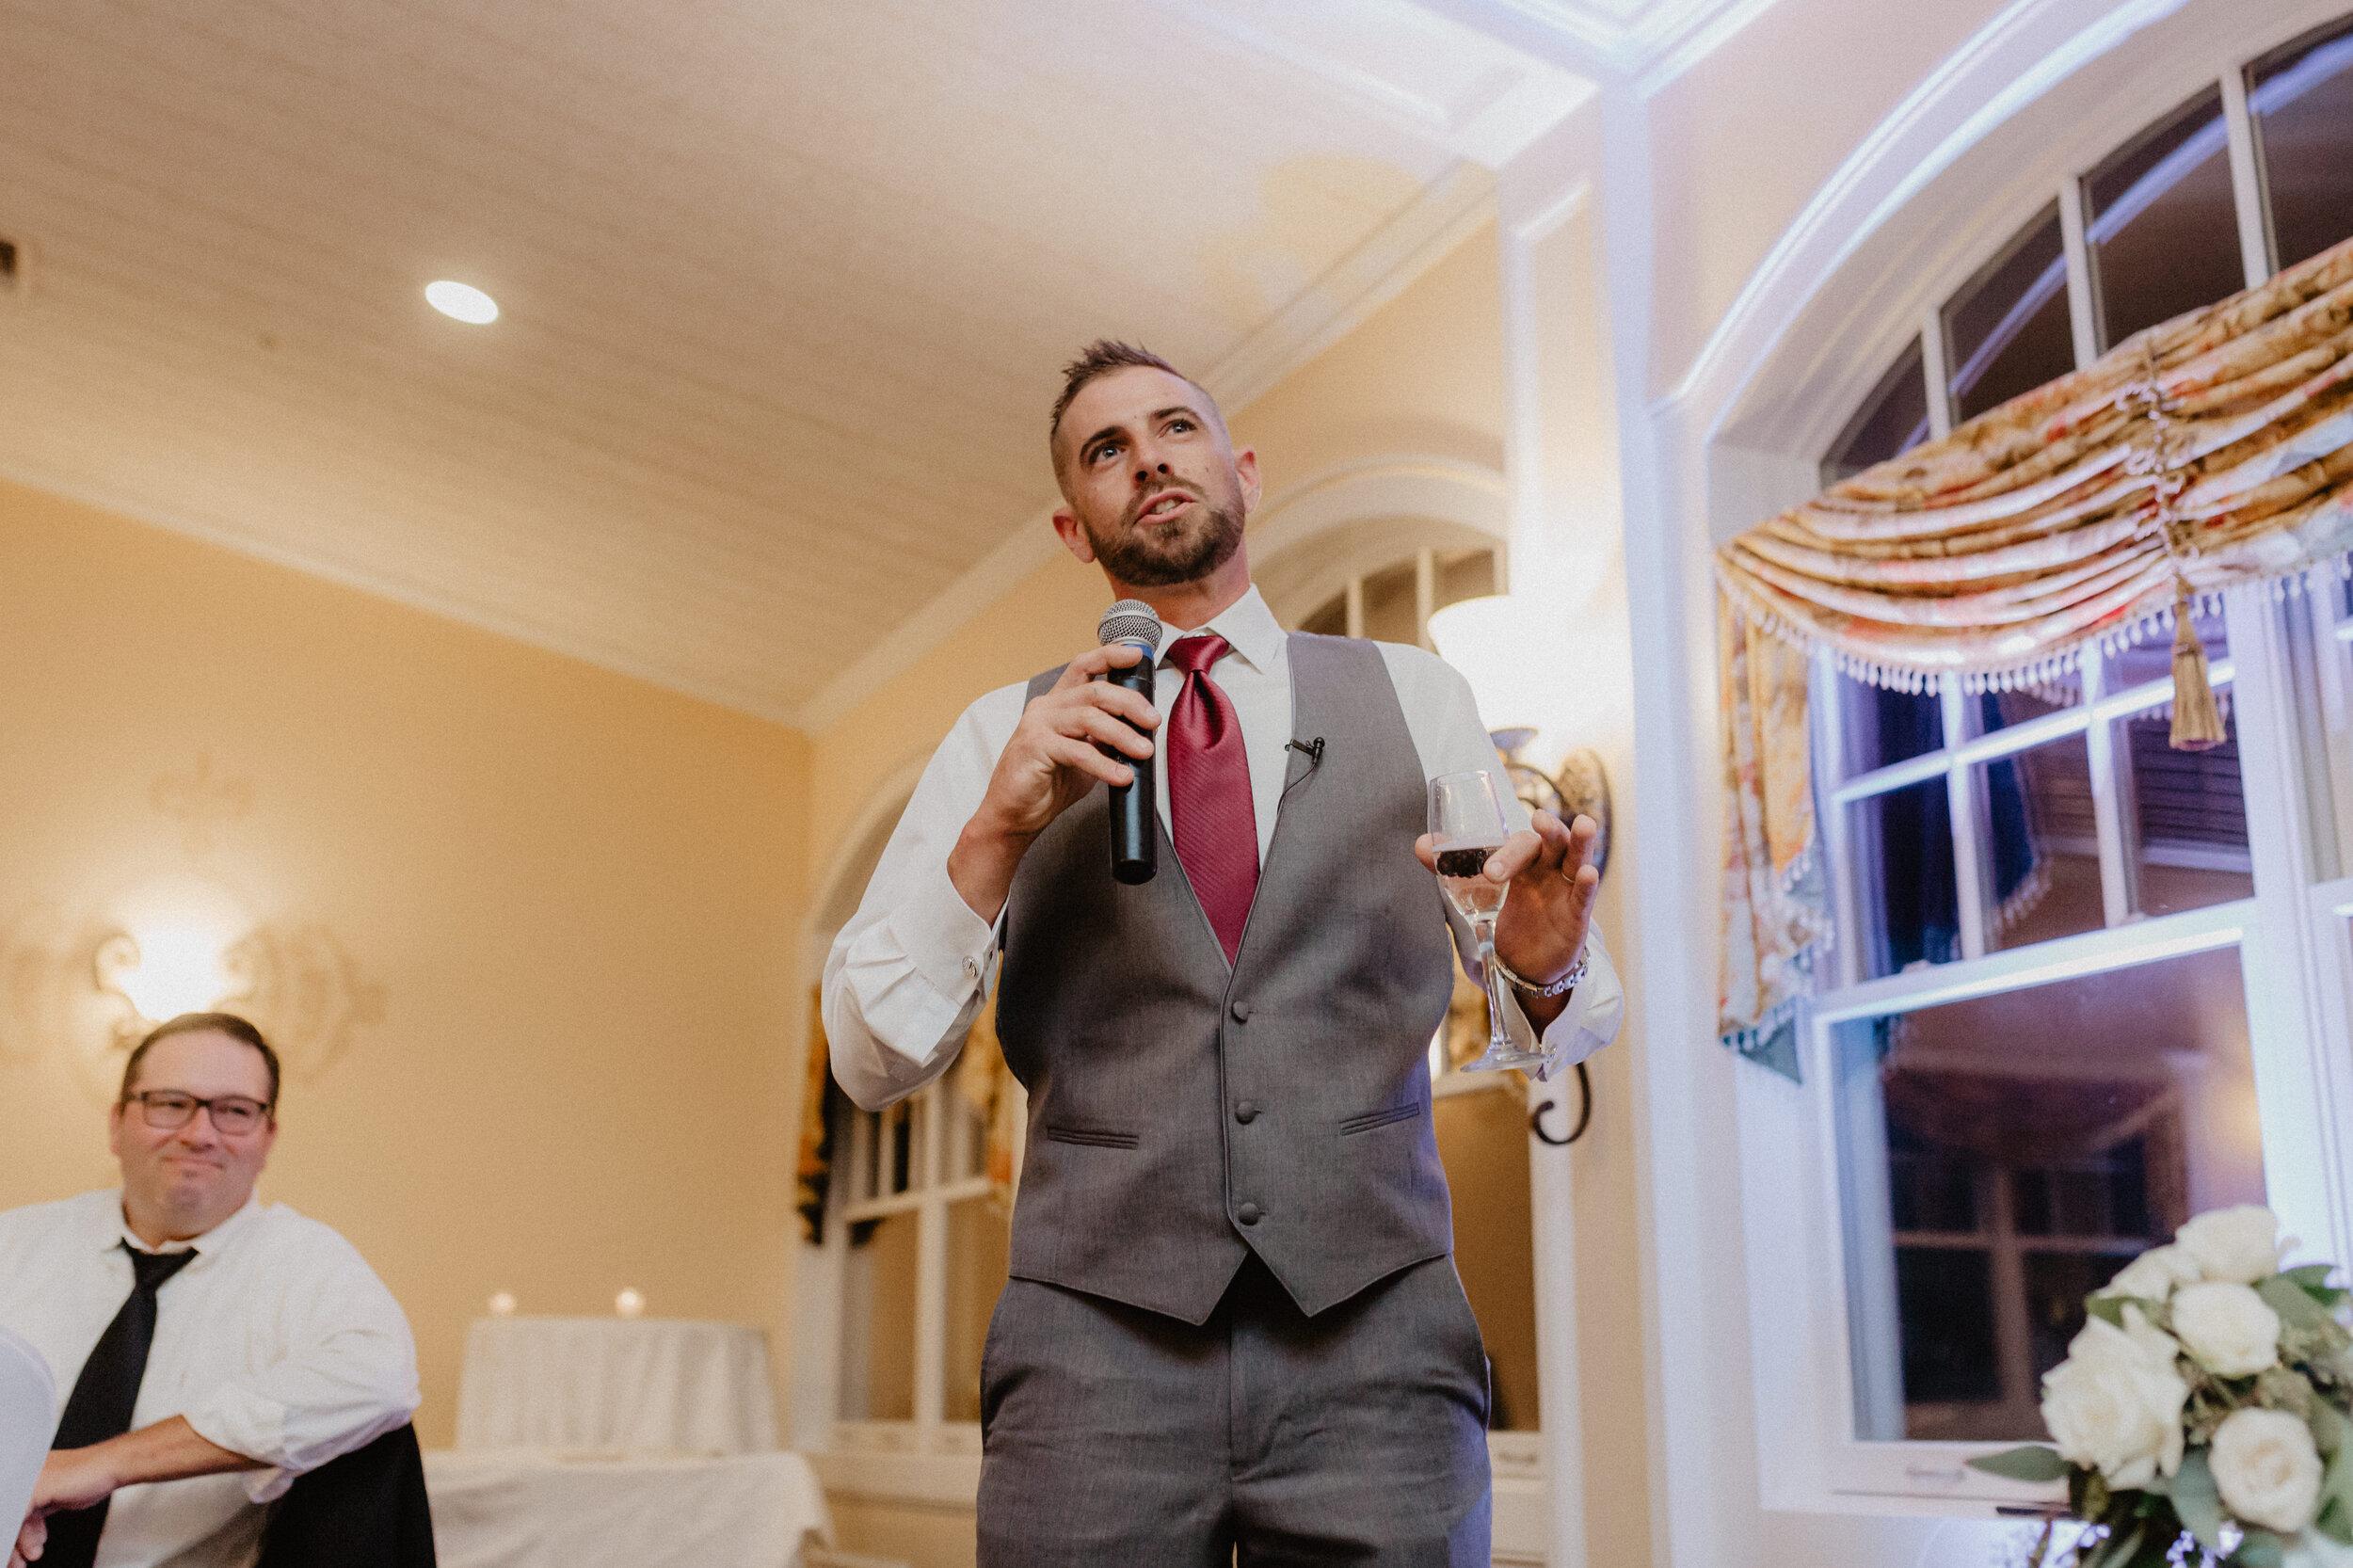 schenectady-new-york-wedding060.jpg